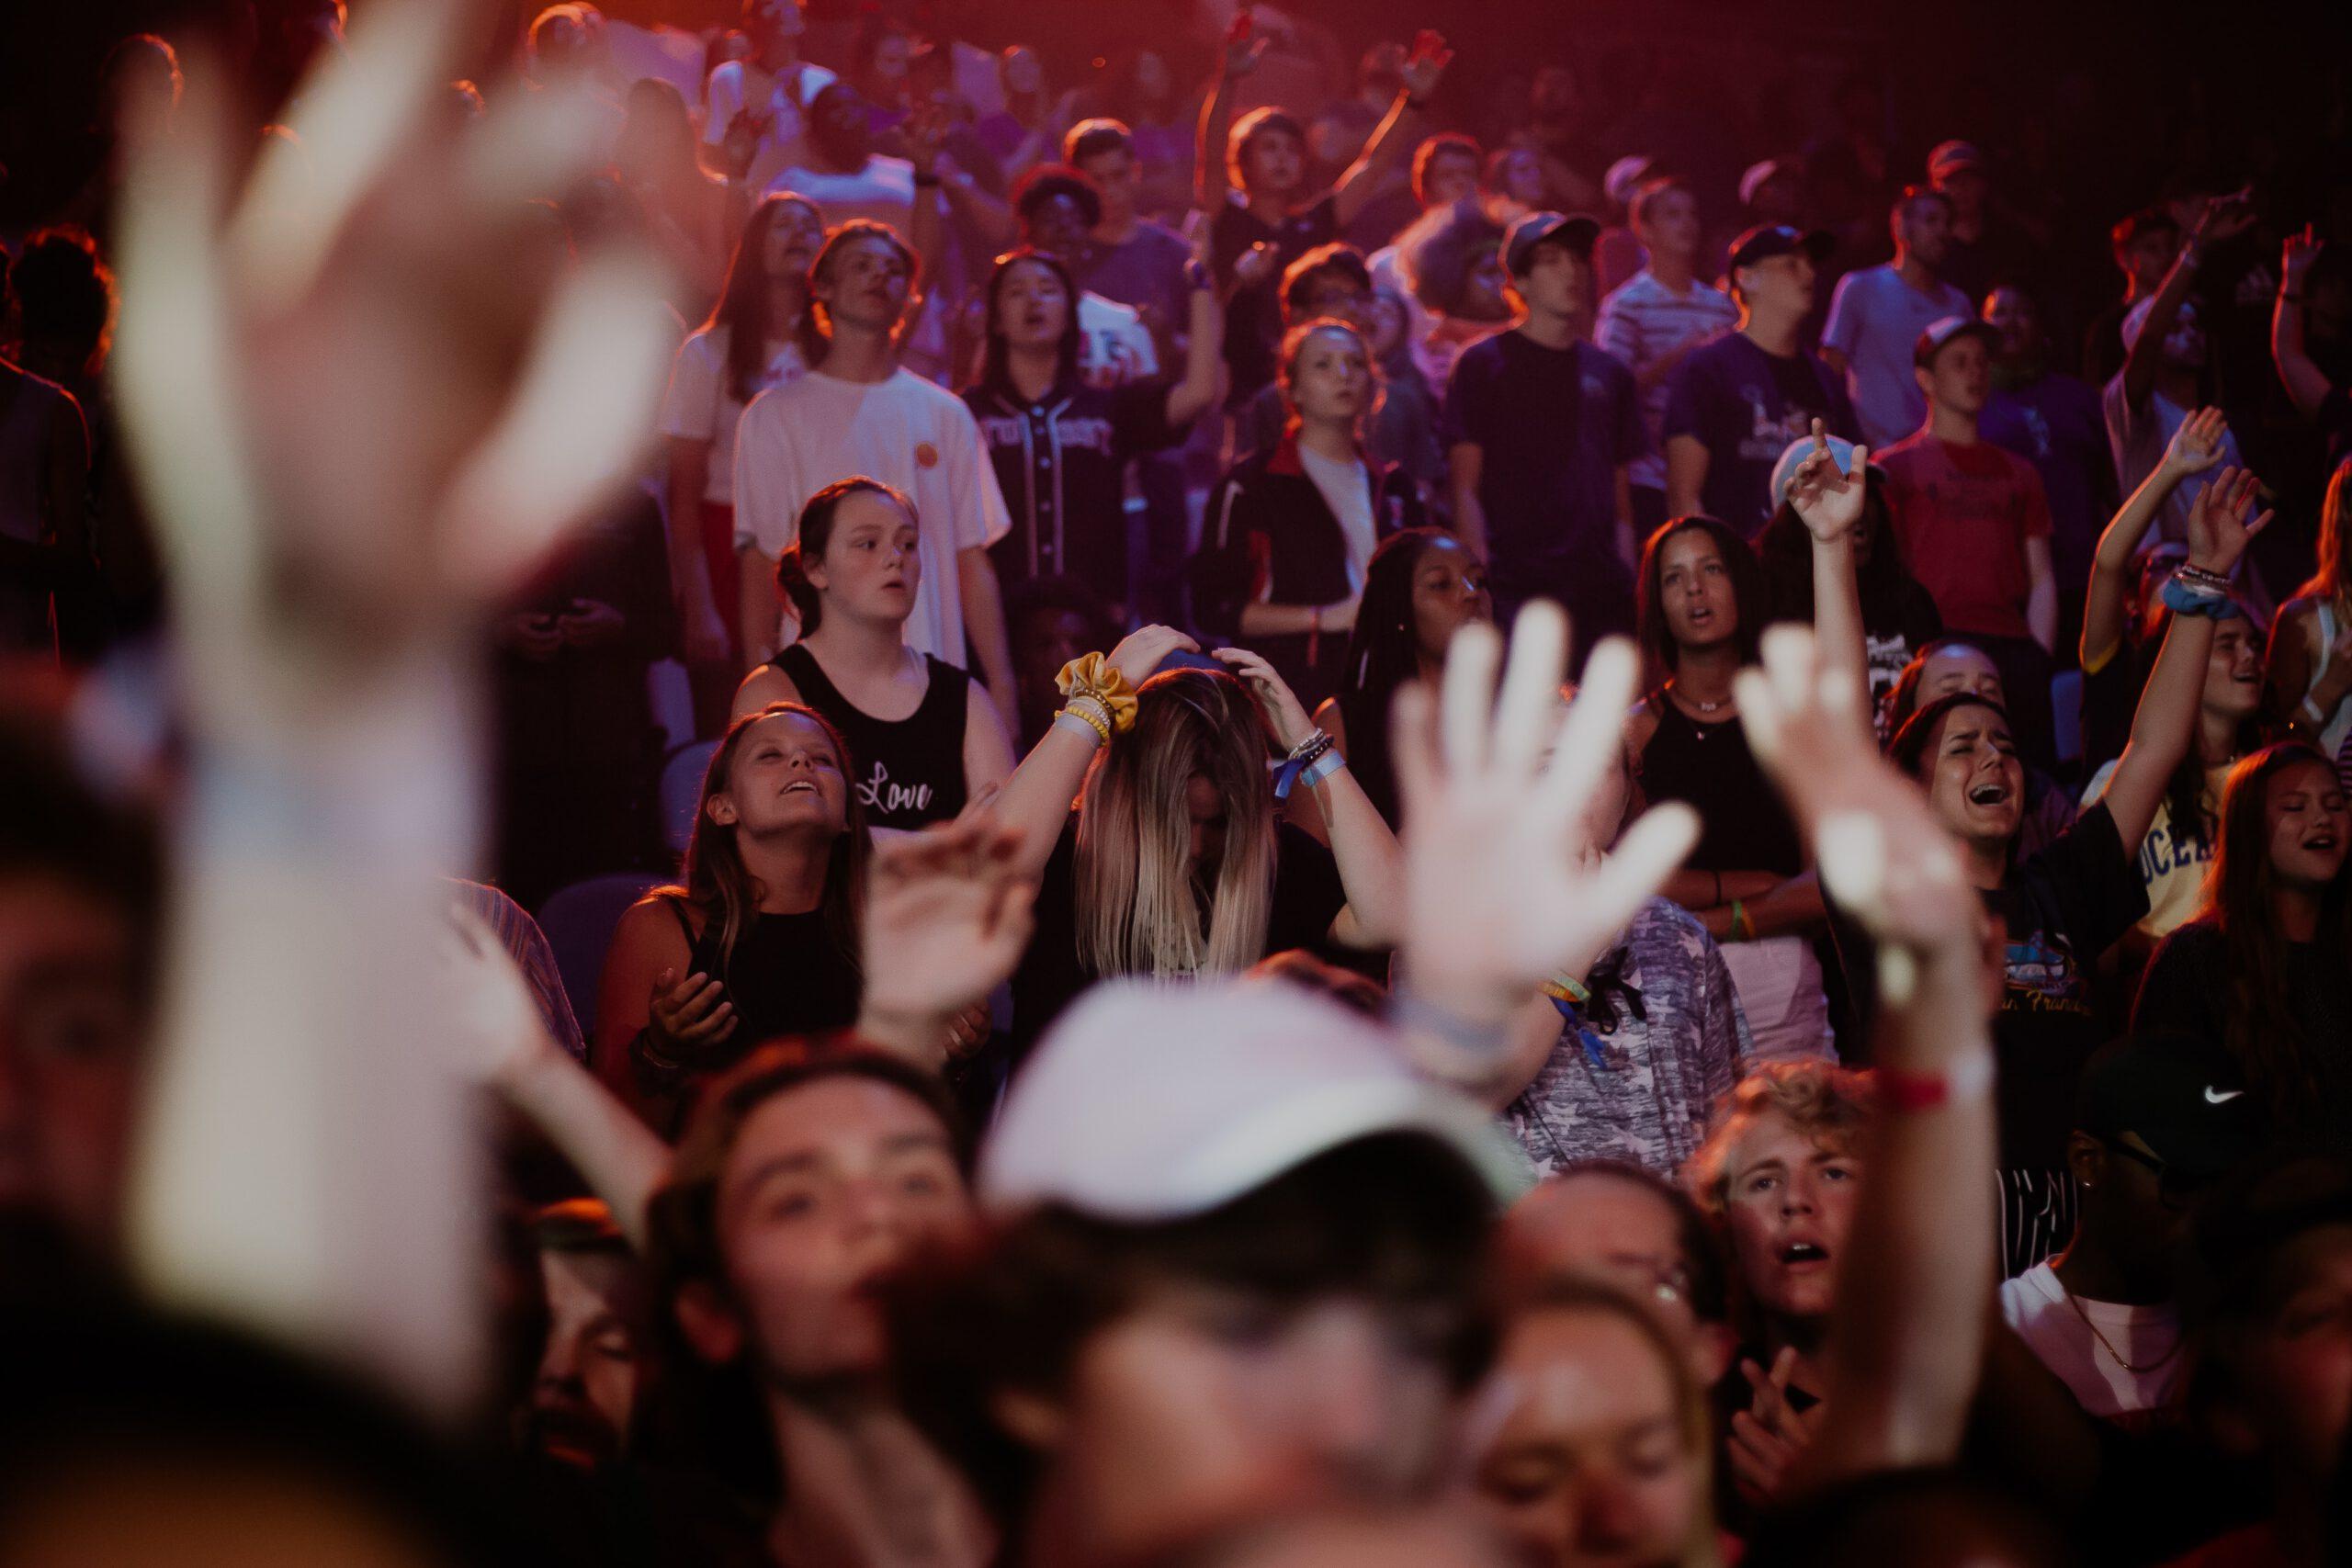 Viele Menschen Im Publikum, Die Zum Teil Die Arme Hochstrecken Und Lachen